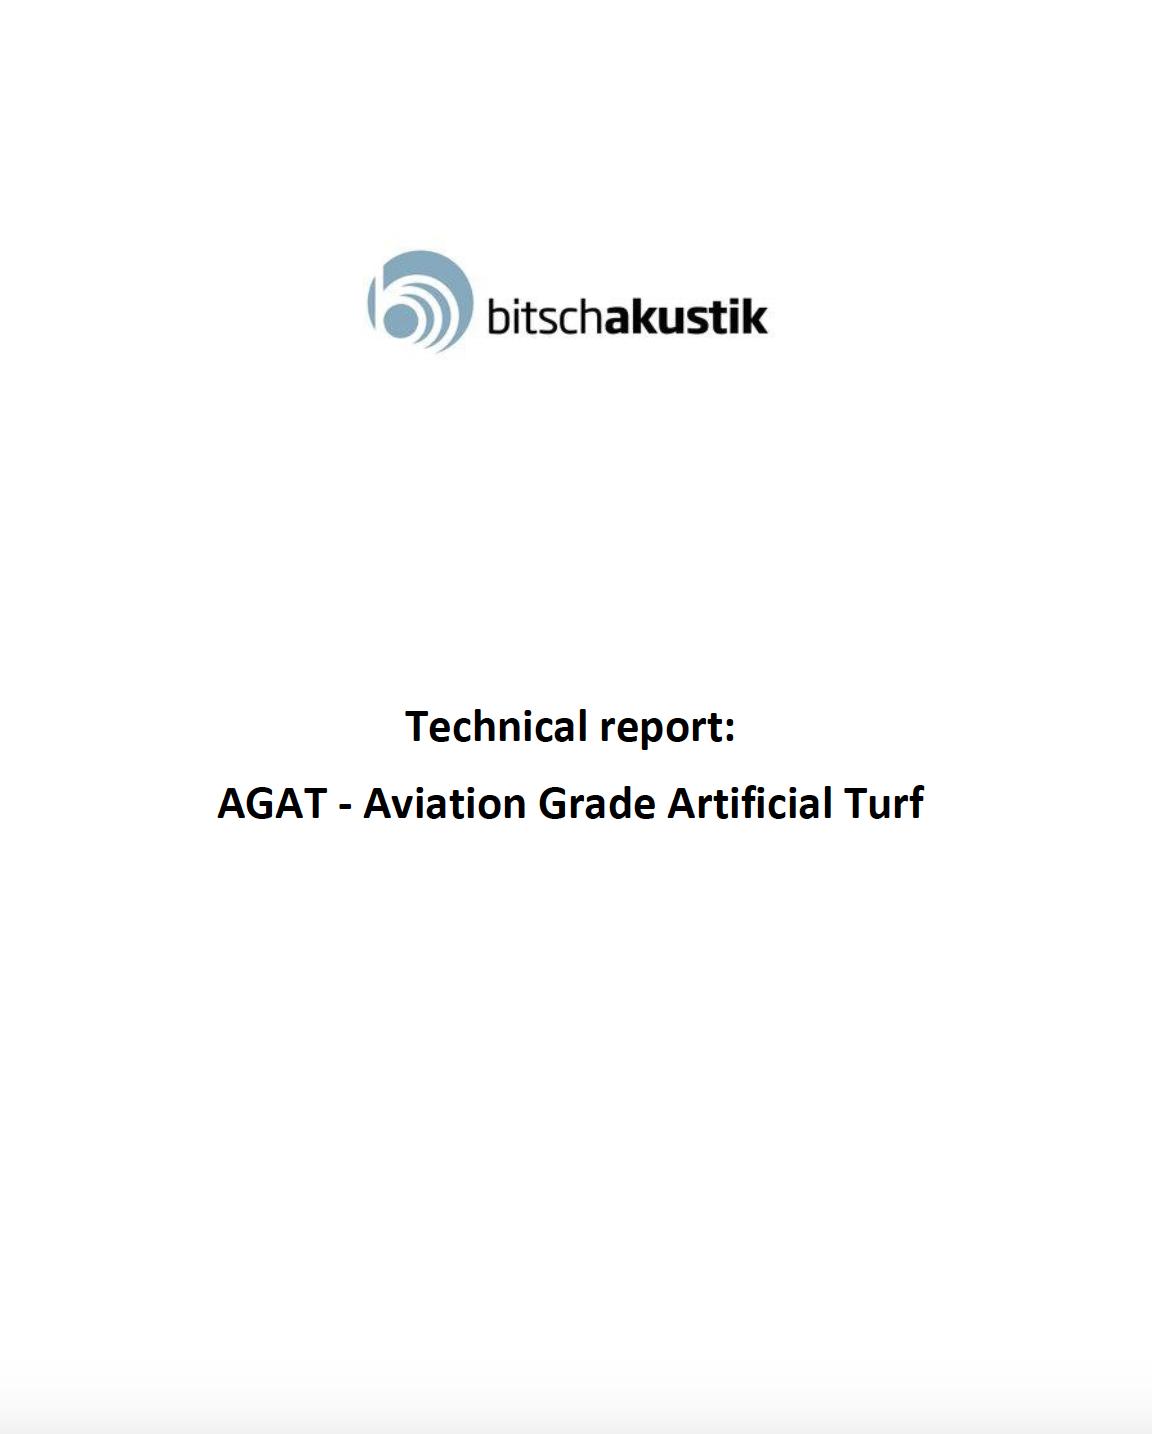 Test Report - Bitsch Akustik folder 28082019 cover